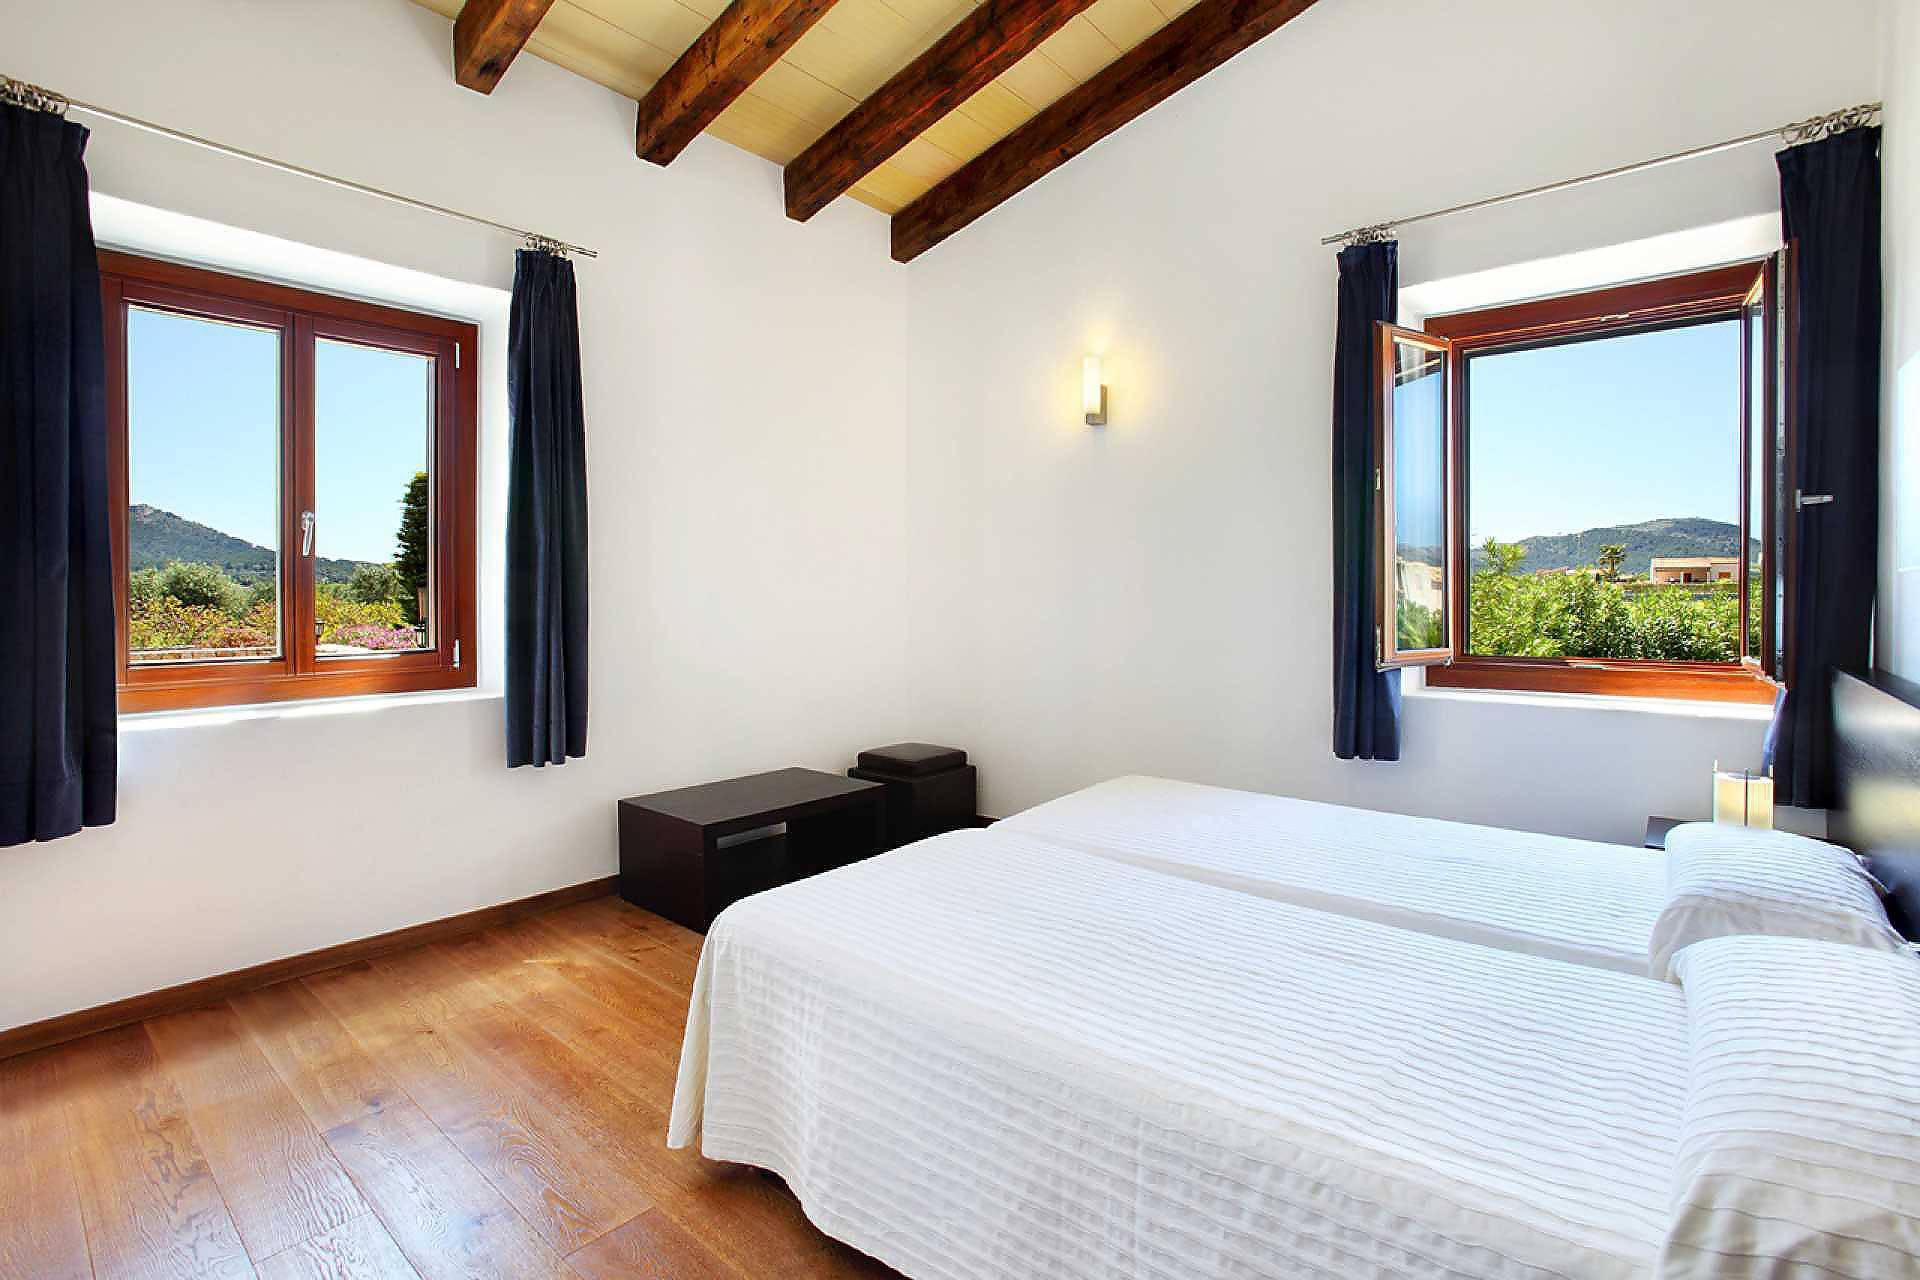 01-37 Elegante Finca Mallorca Norden Bild 40